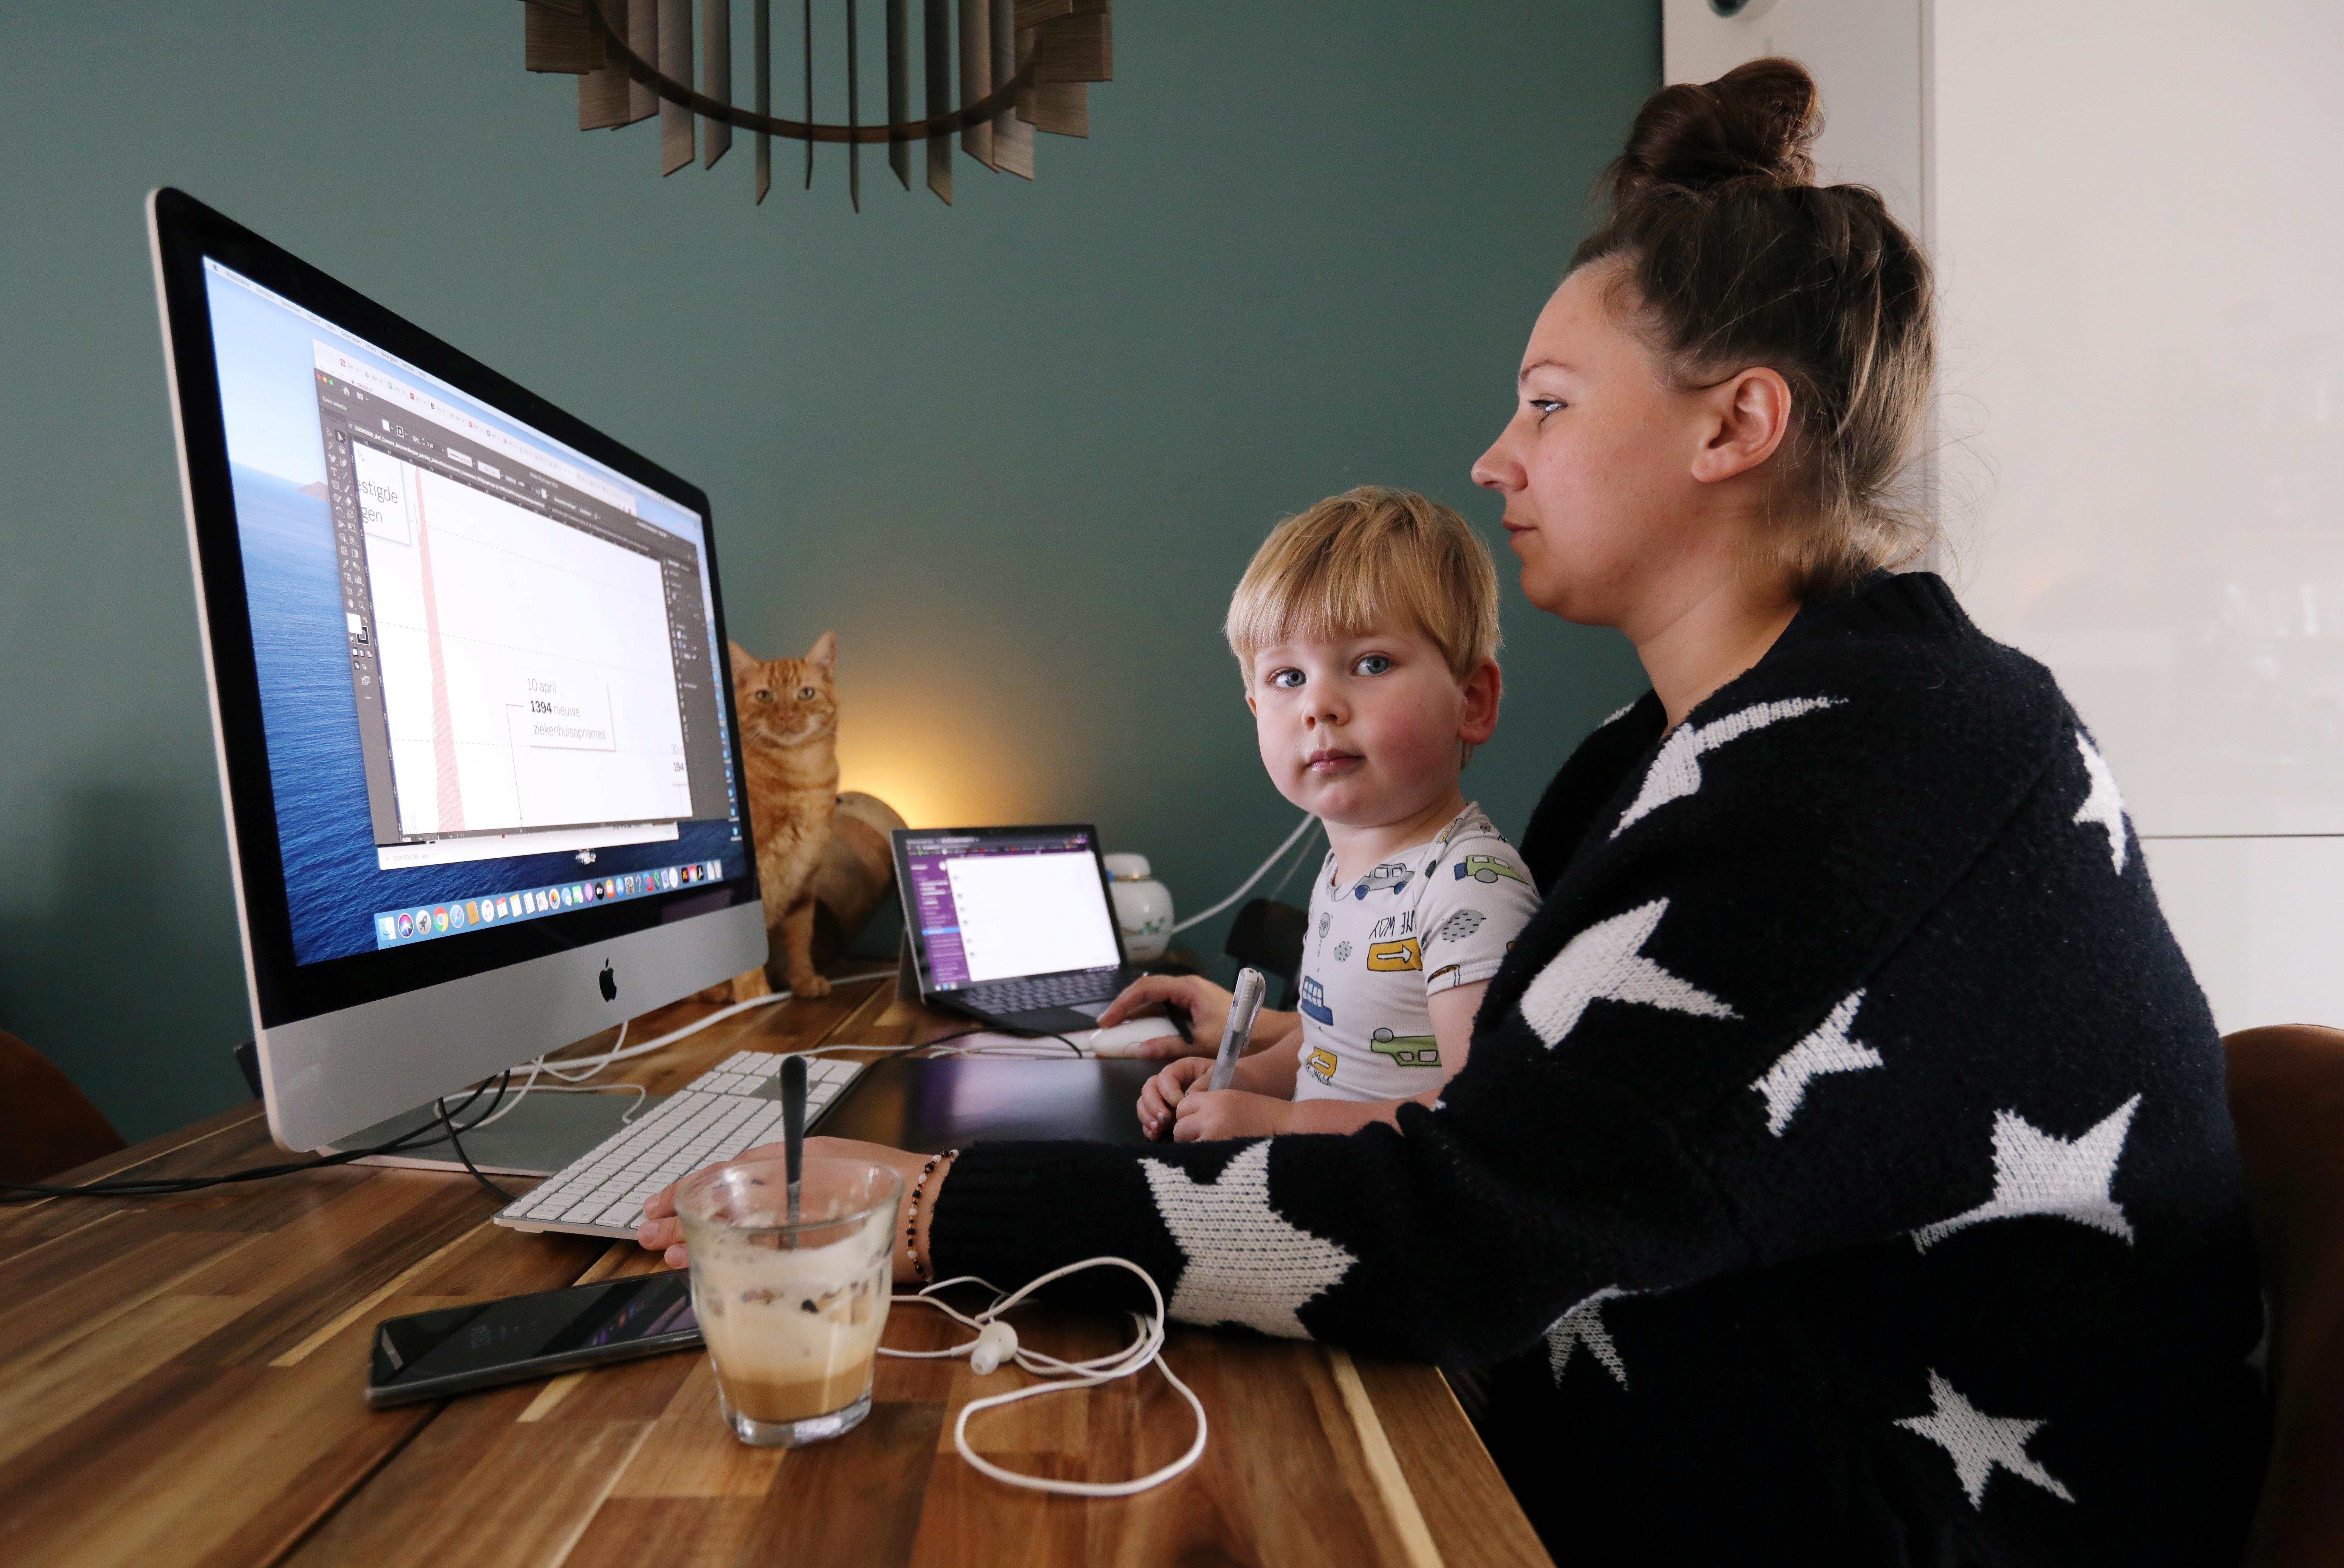 Una mujer trabaja en una casa mientras que los trabajadores se ven obligados a trabajar desde casa y exigen la devolución de los gastos extra de la oficina en casa durante el brote de la enfermedad coronavirus (COVID-19) en Sassenheim, Holanda, el 2 de octubre de 2020.